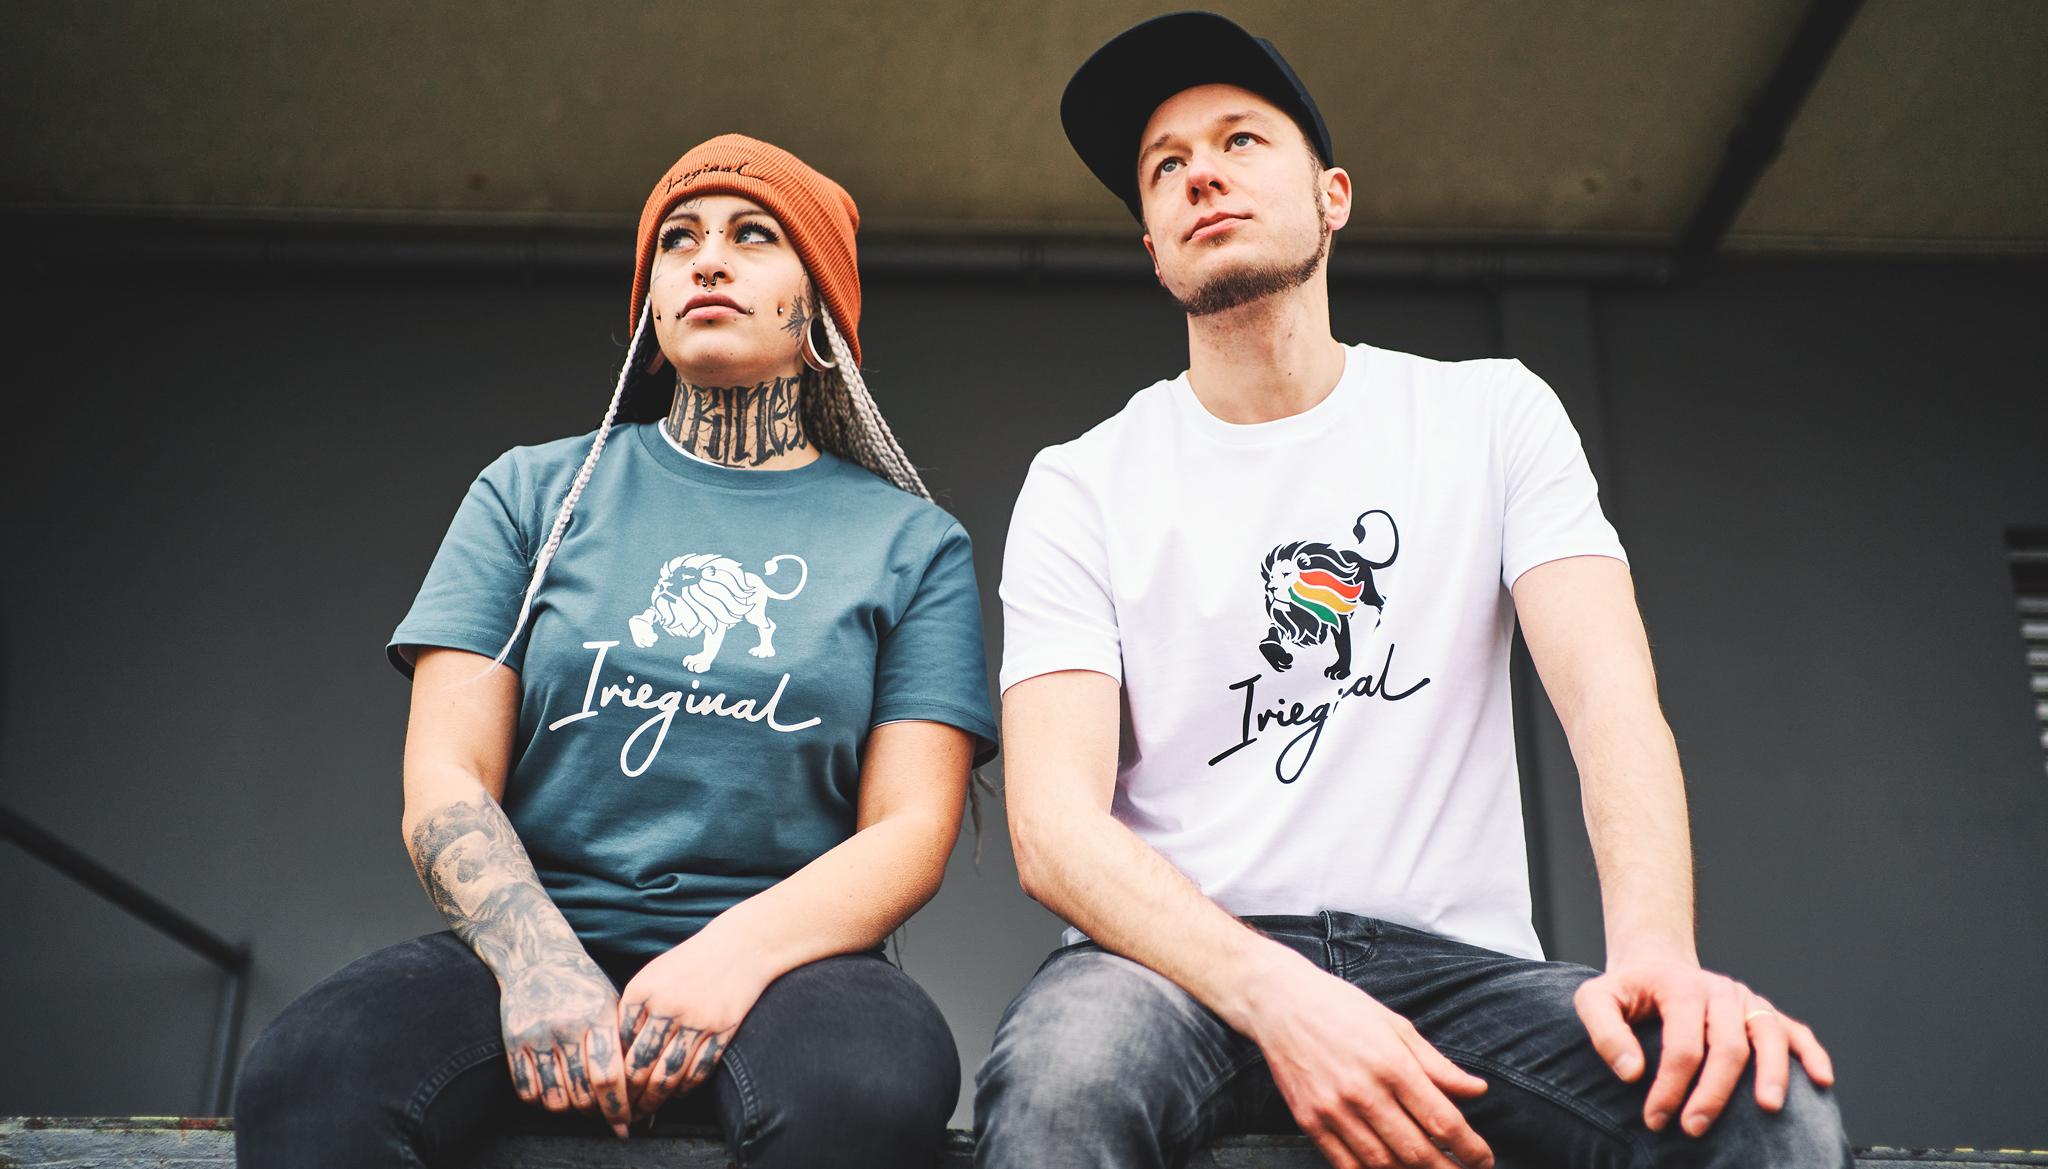 Irieginal reggae wear brand